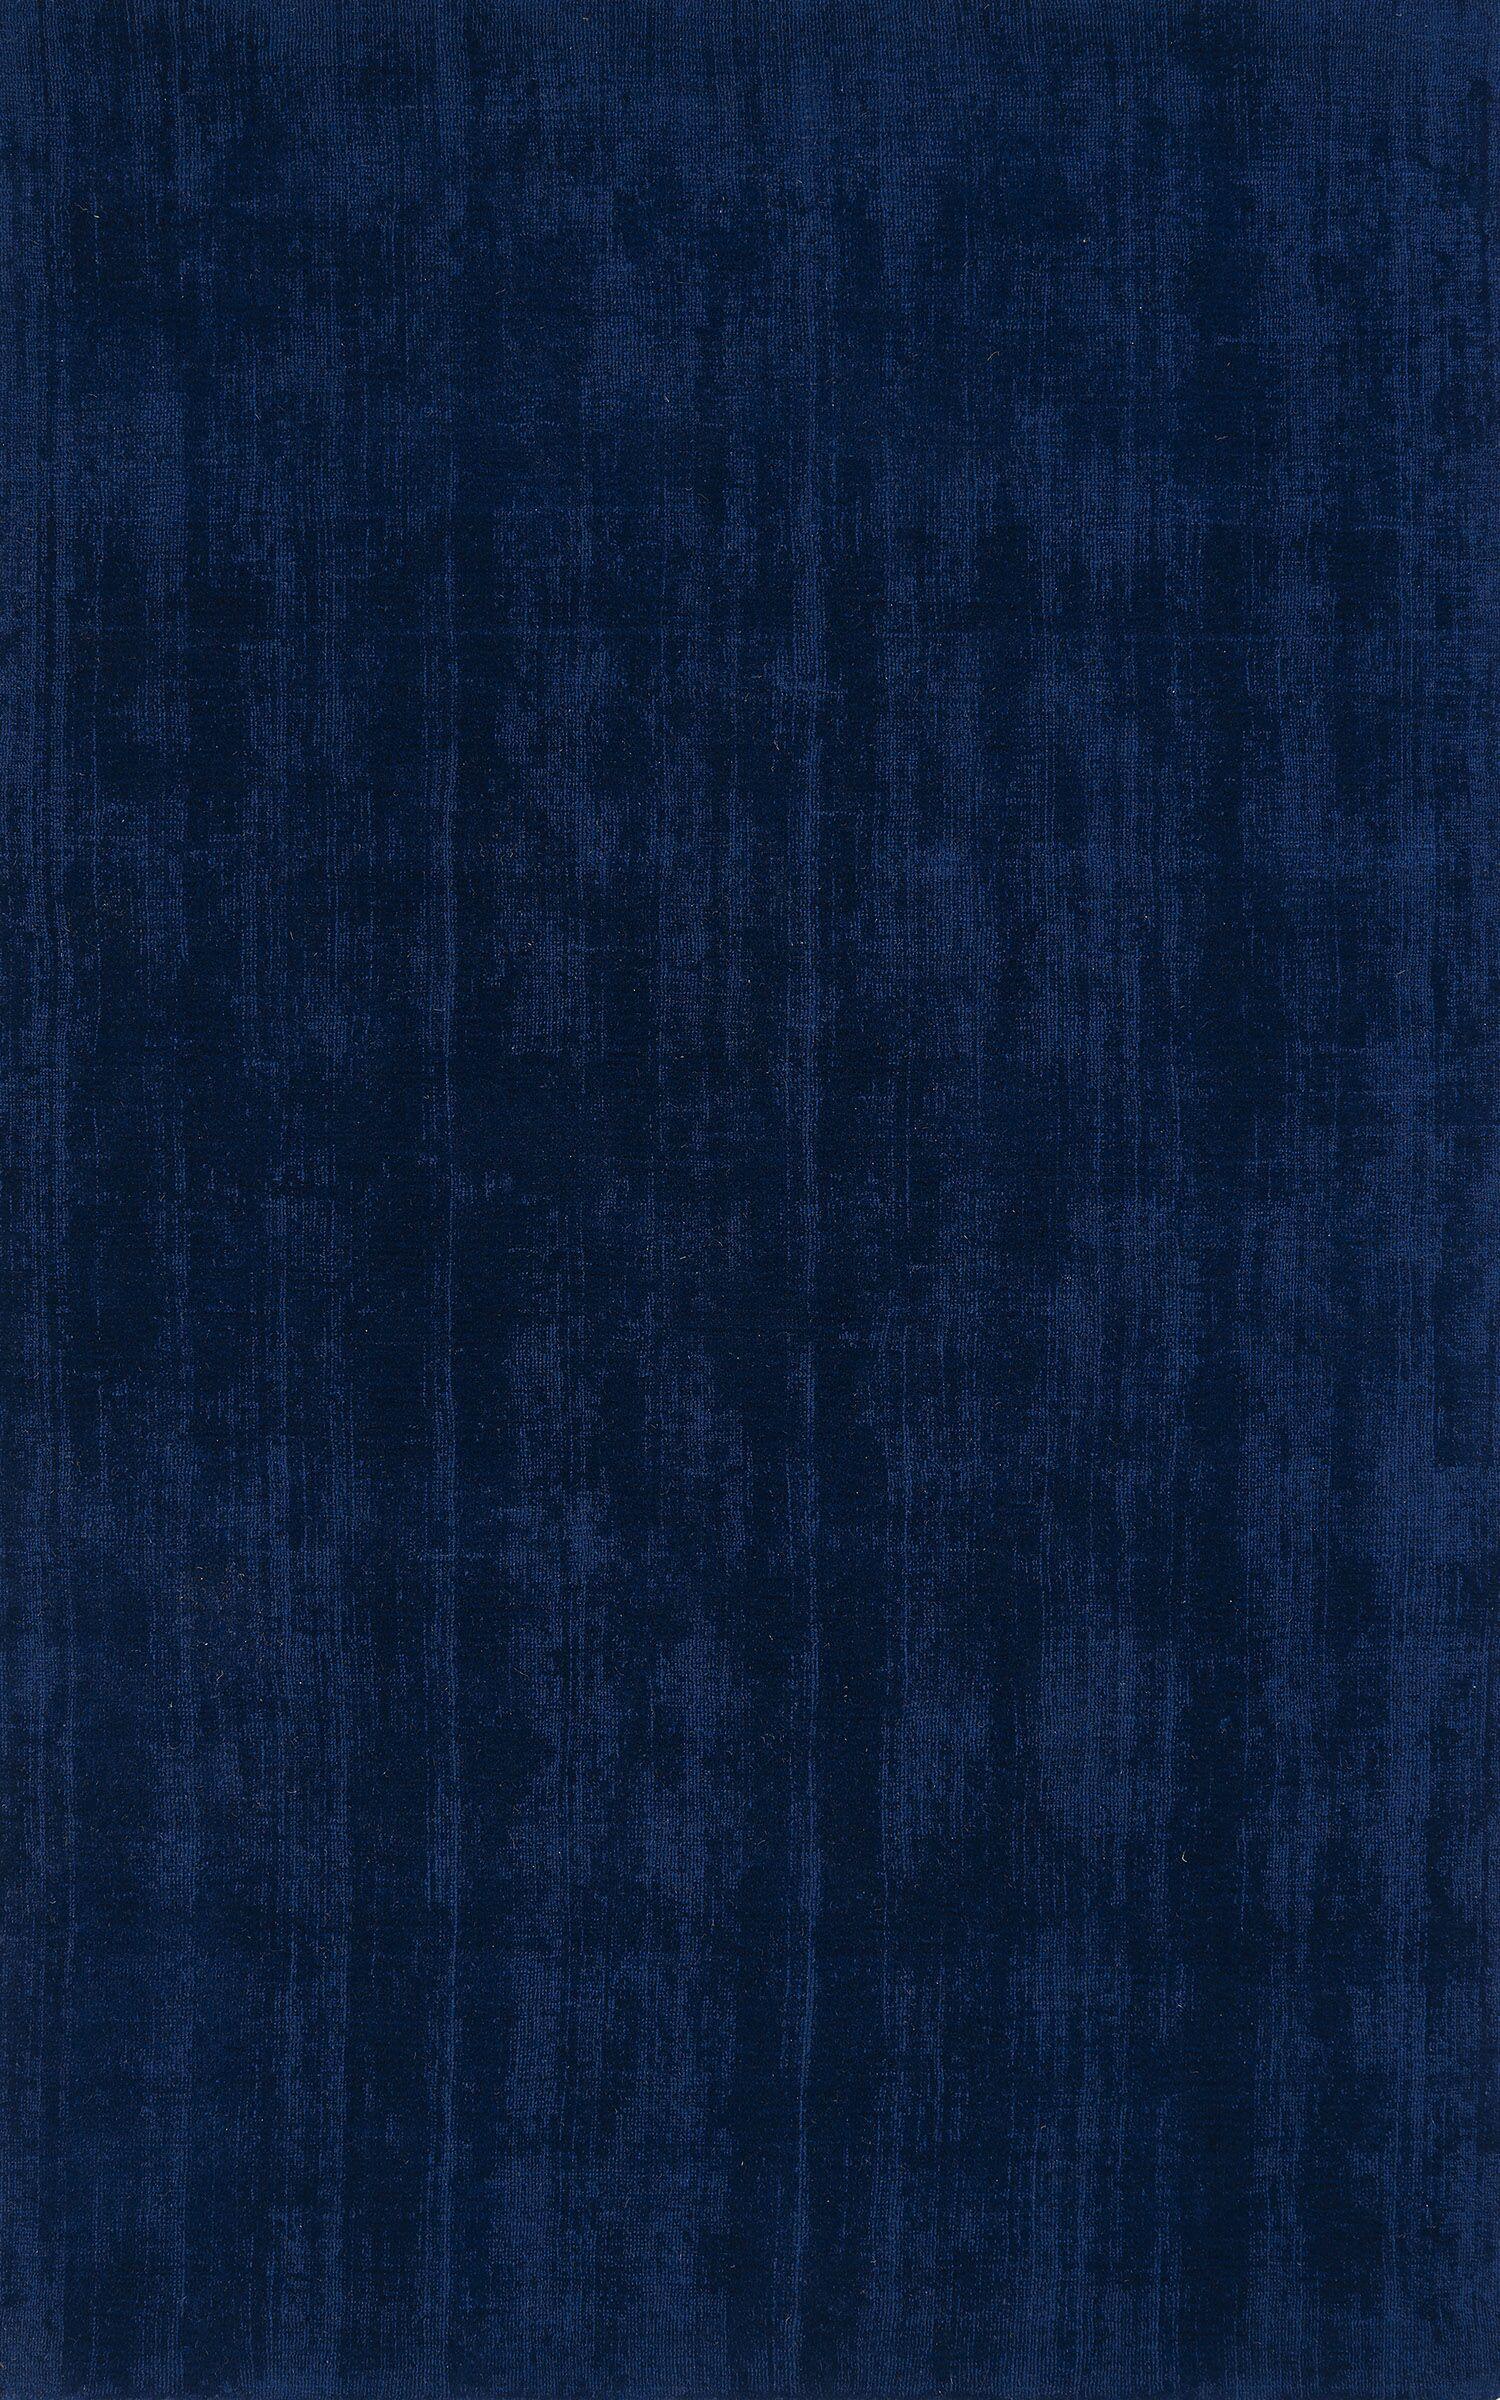 Tasha Navy Area Rug Rug Size: 8' x 10'